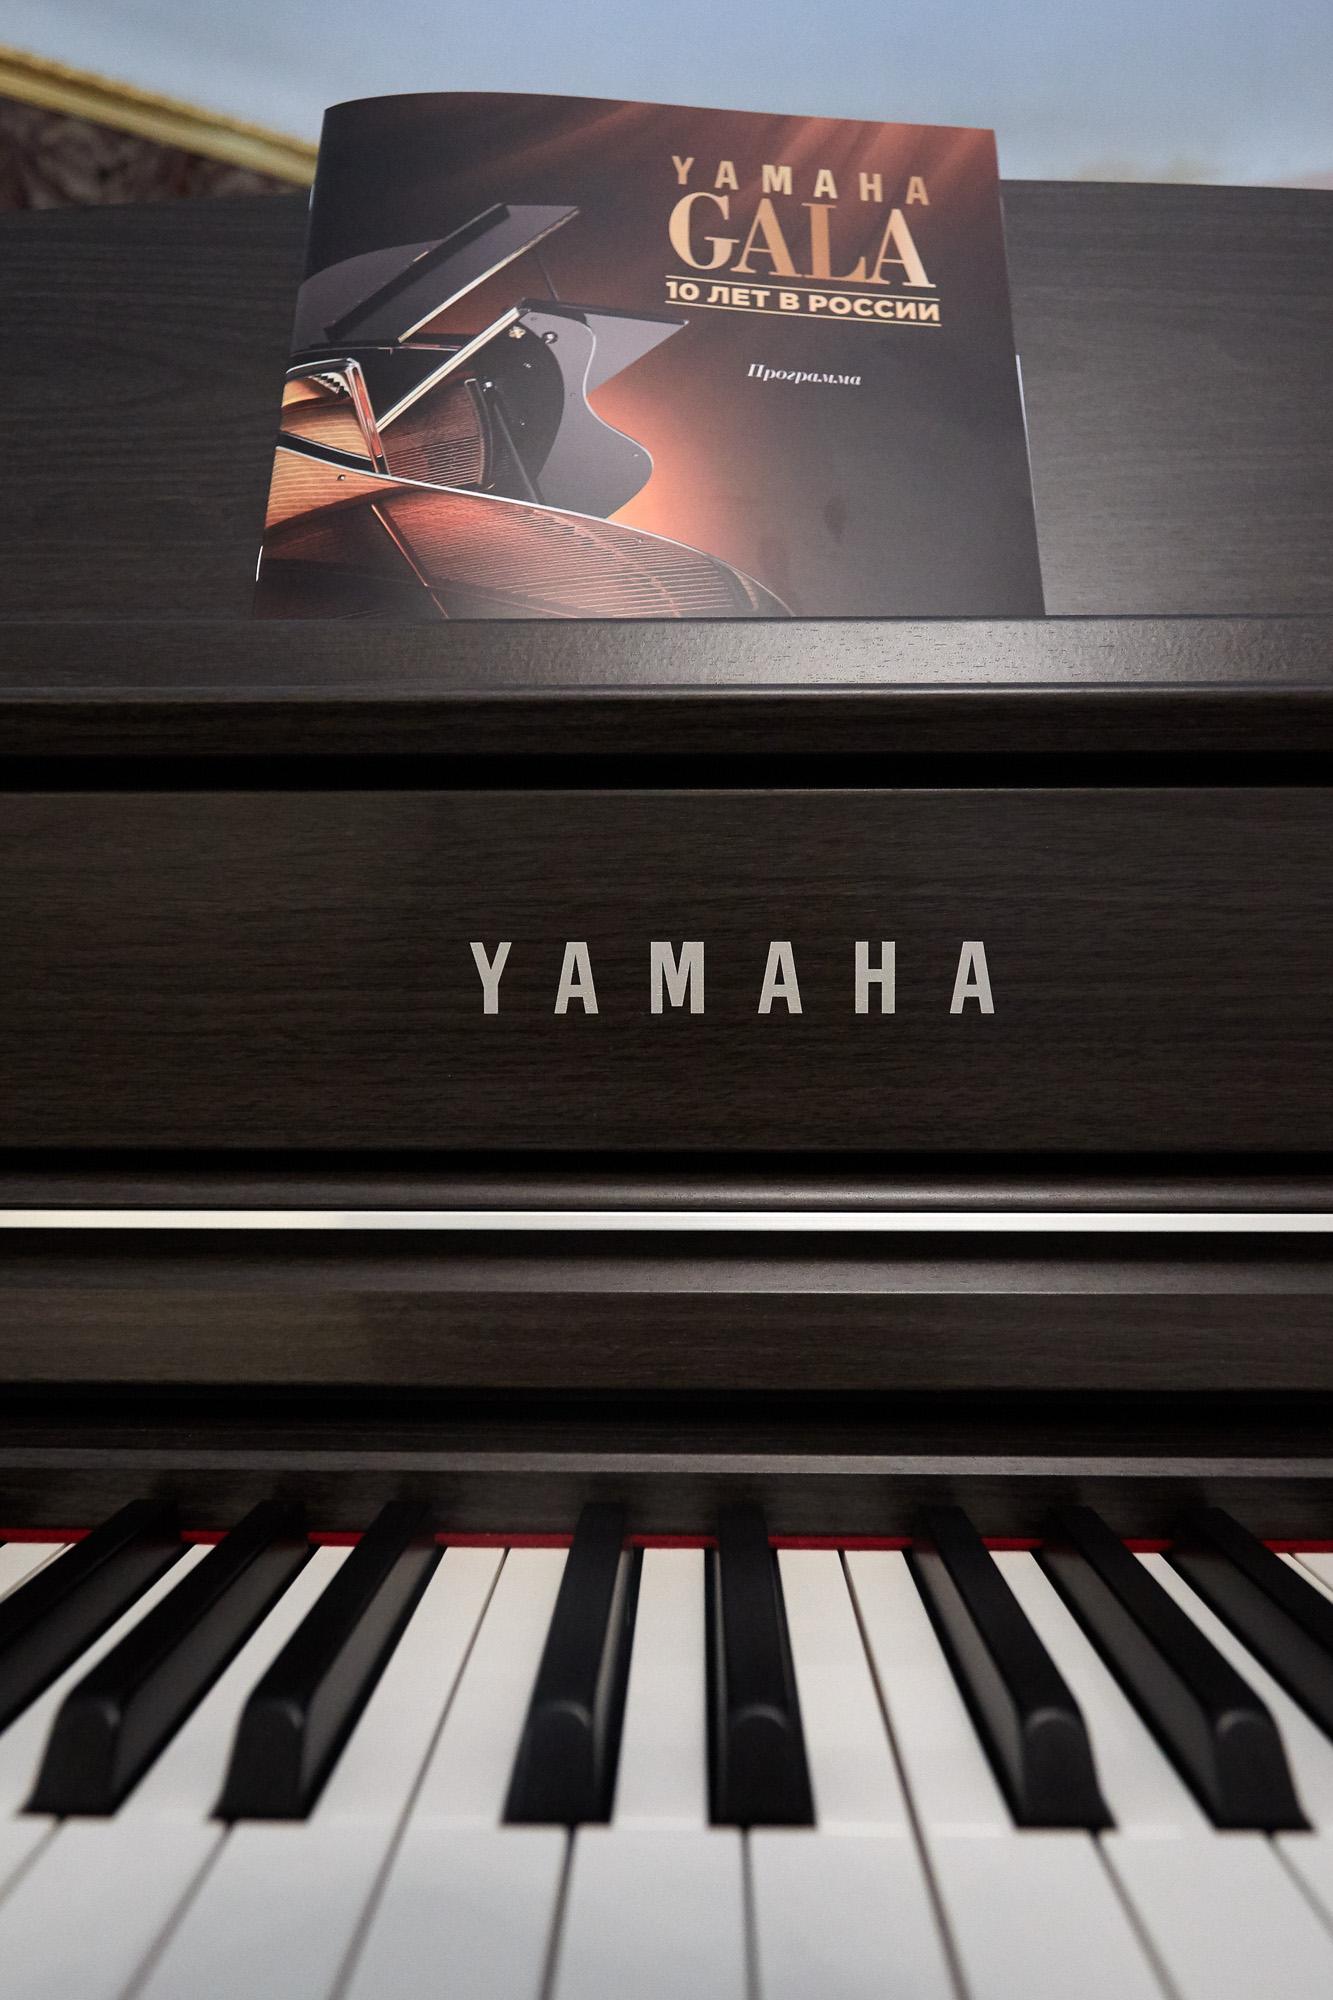 2017-05-29 Yamaha Gala 016